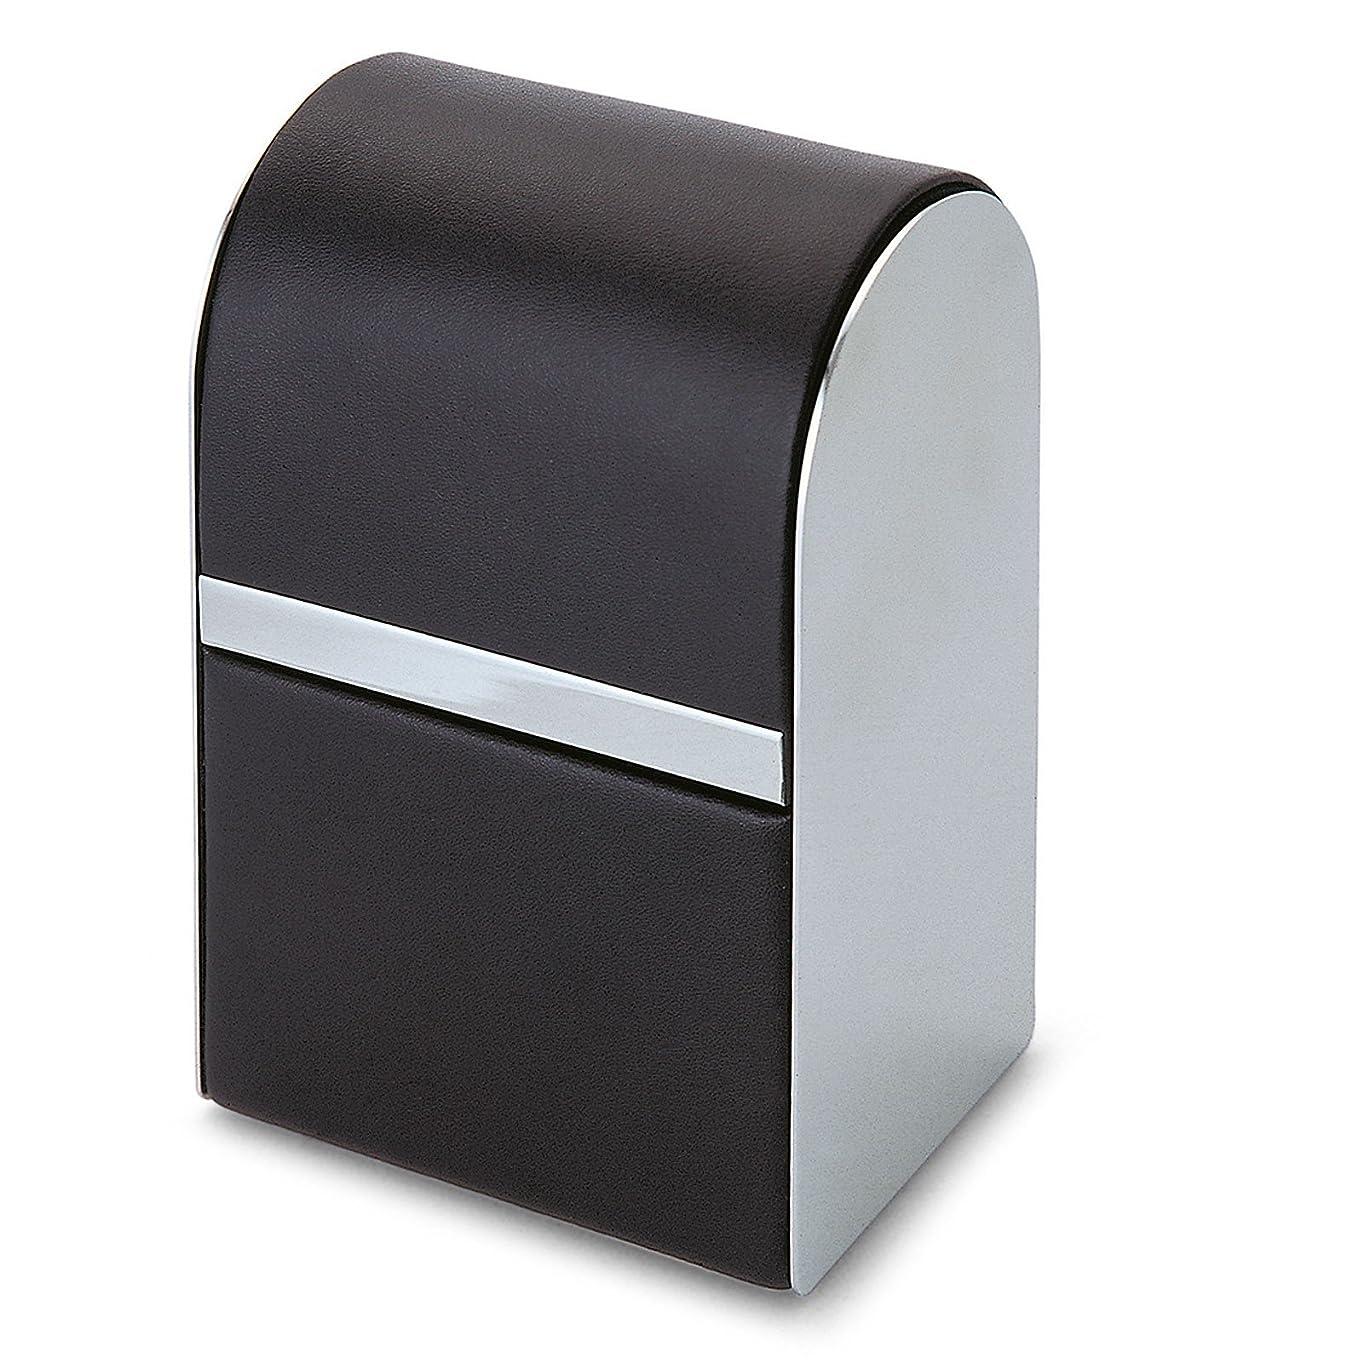 オーストラリア冷凍庫霧深いPhilippi Giorgio メンズ身だしなみキット 7pcsセット leather stainless polished